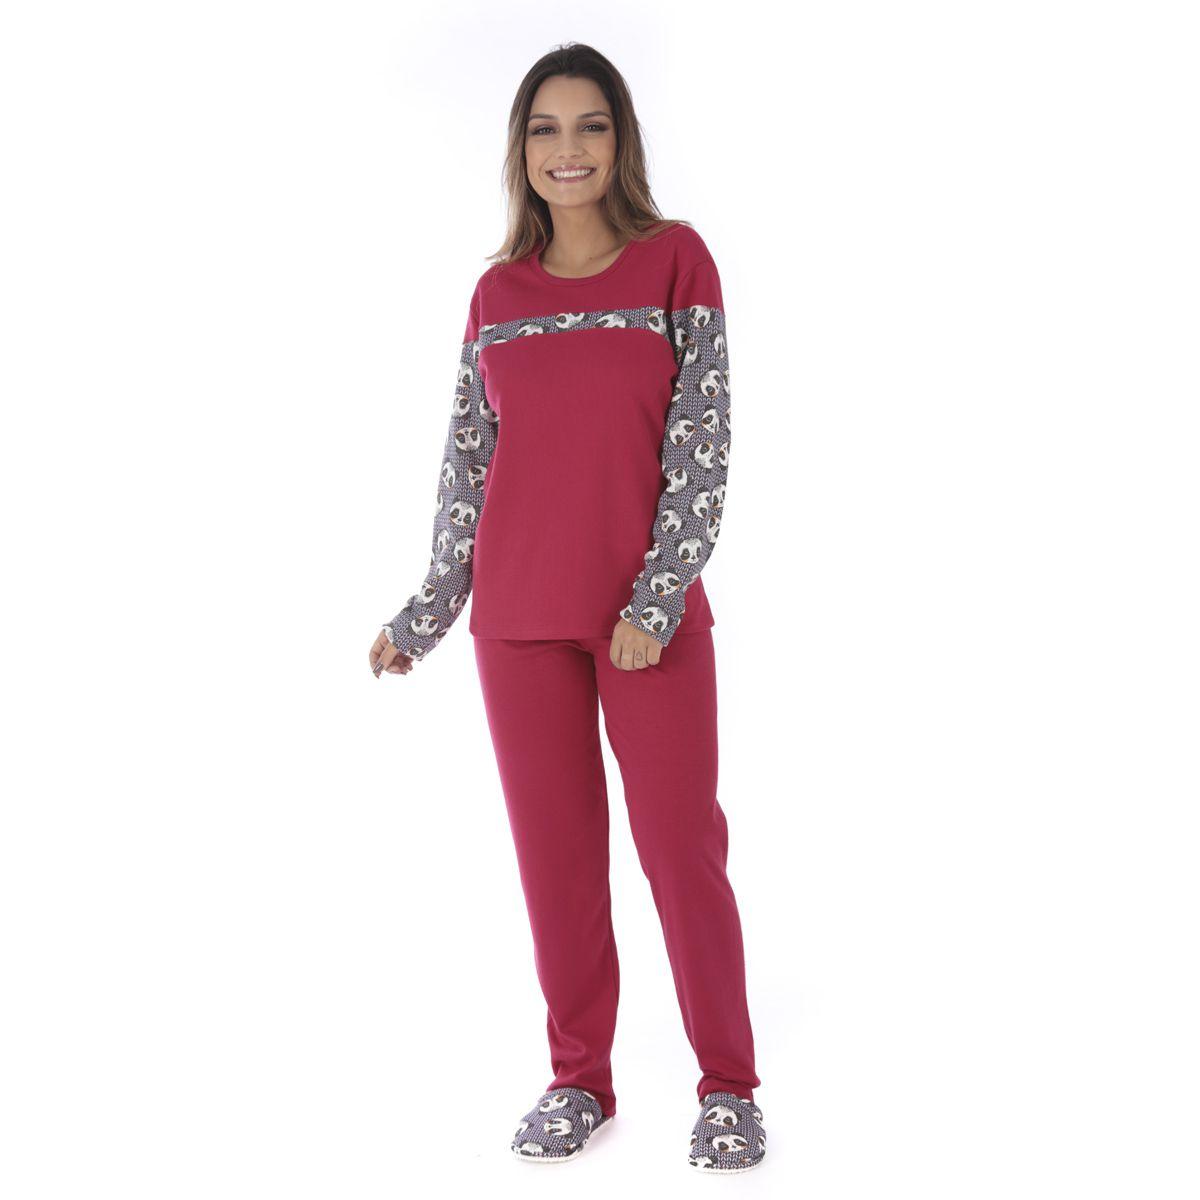 Kit 5 pijamas femininos de inverno Victory